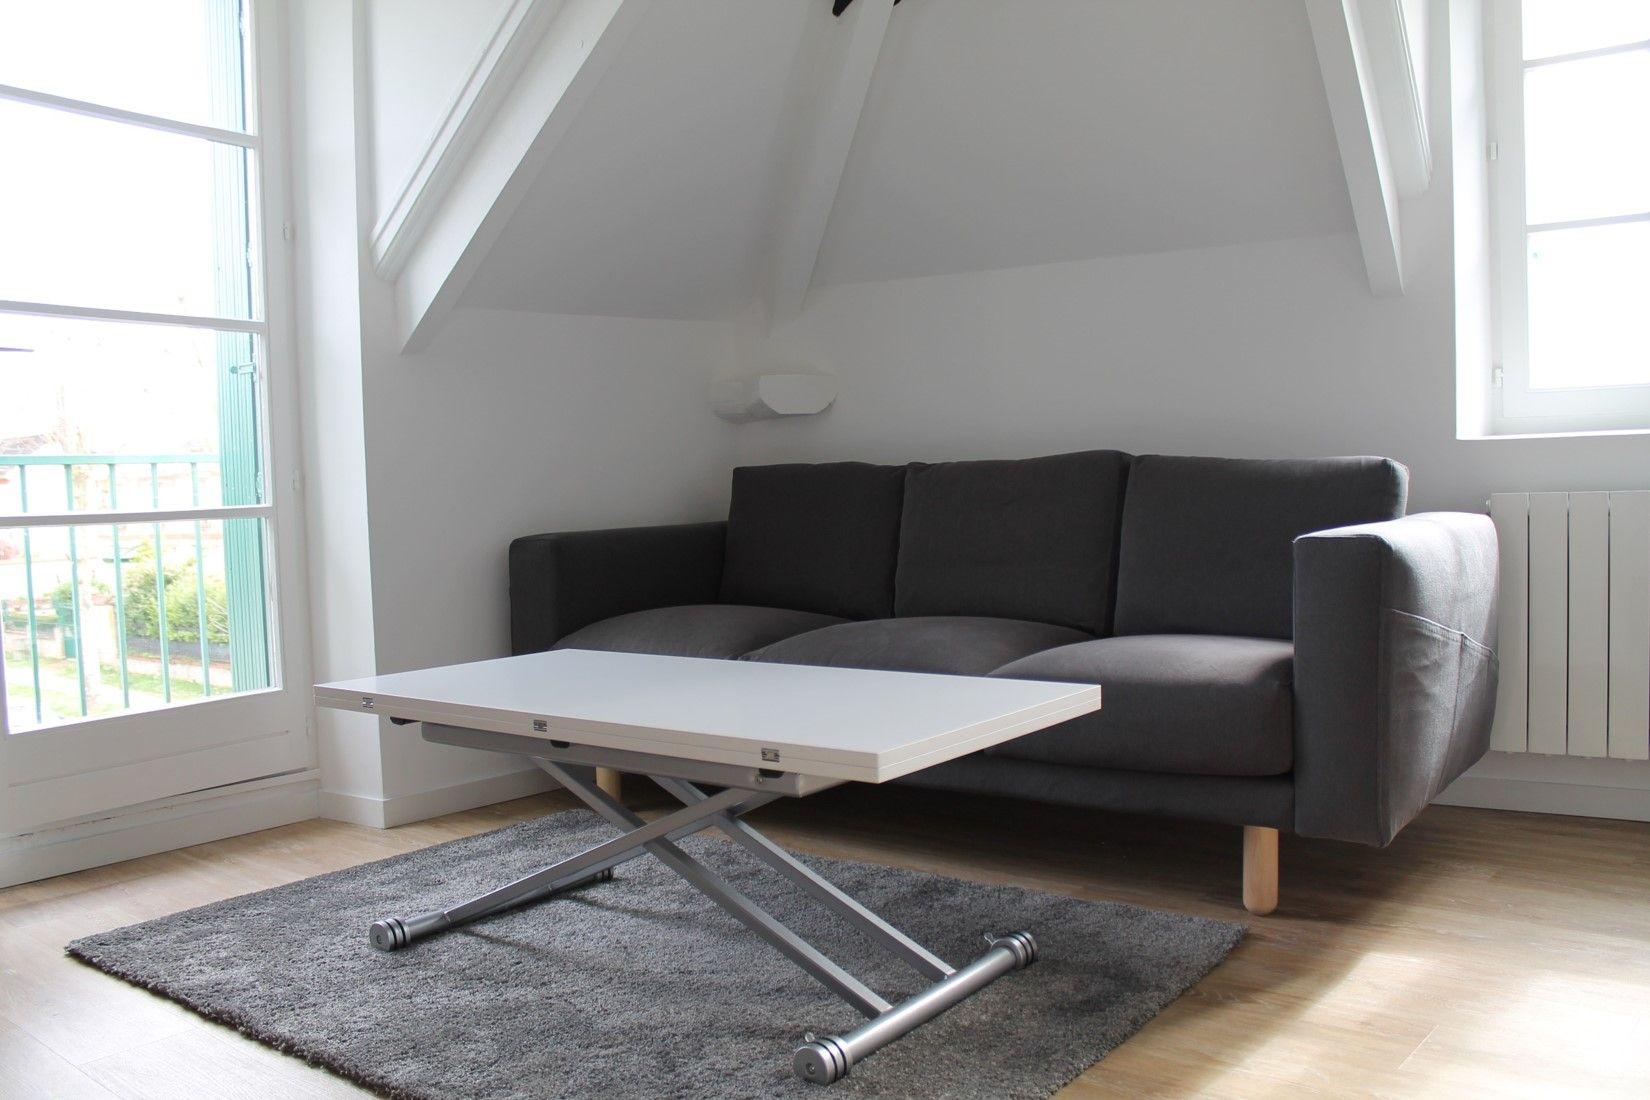 canap gris ikea et table basse blanche relevable pour. Black Bedroom Furniture Sets. Home Design Ideas